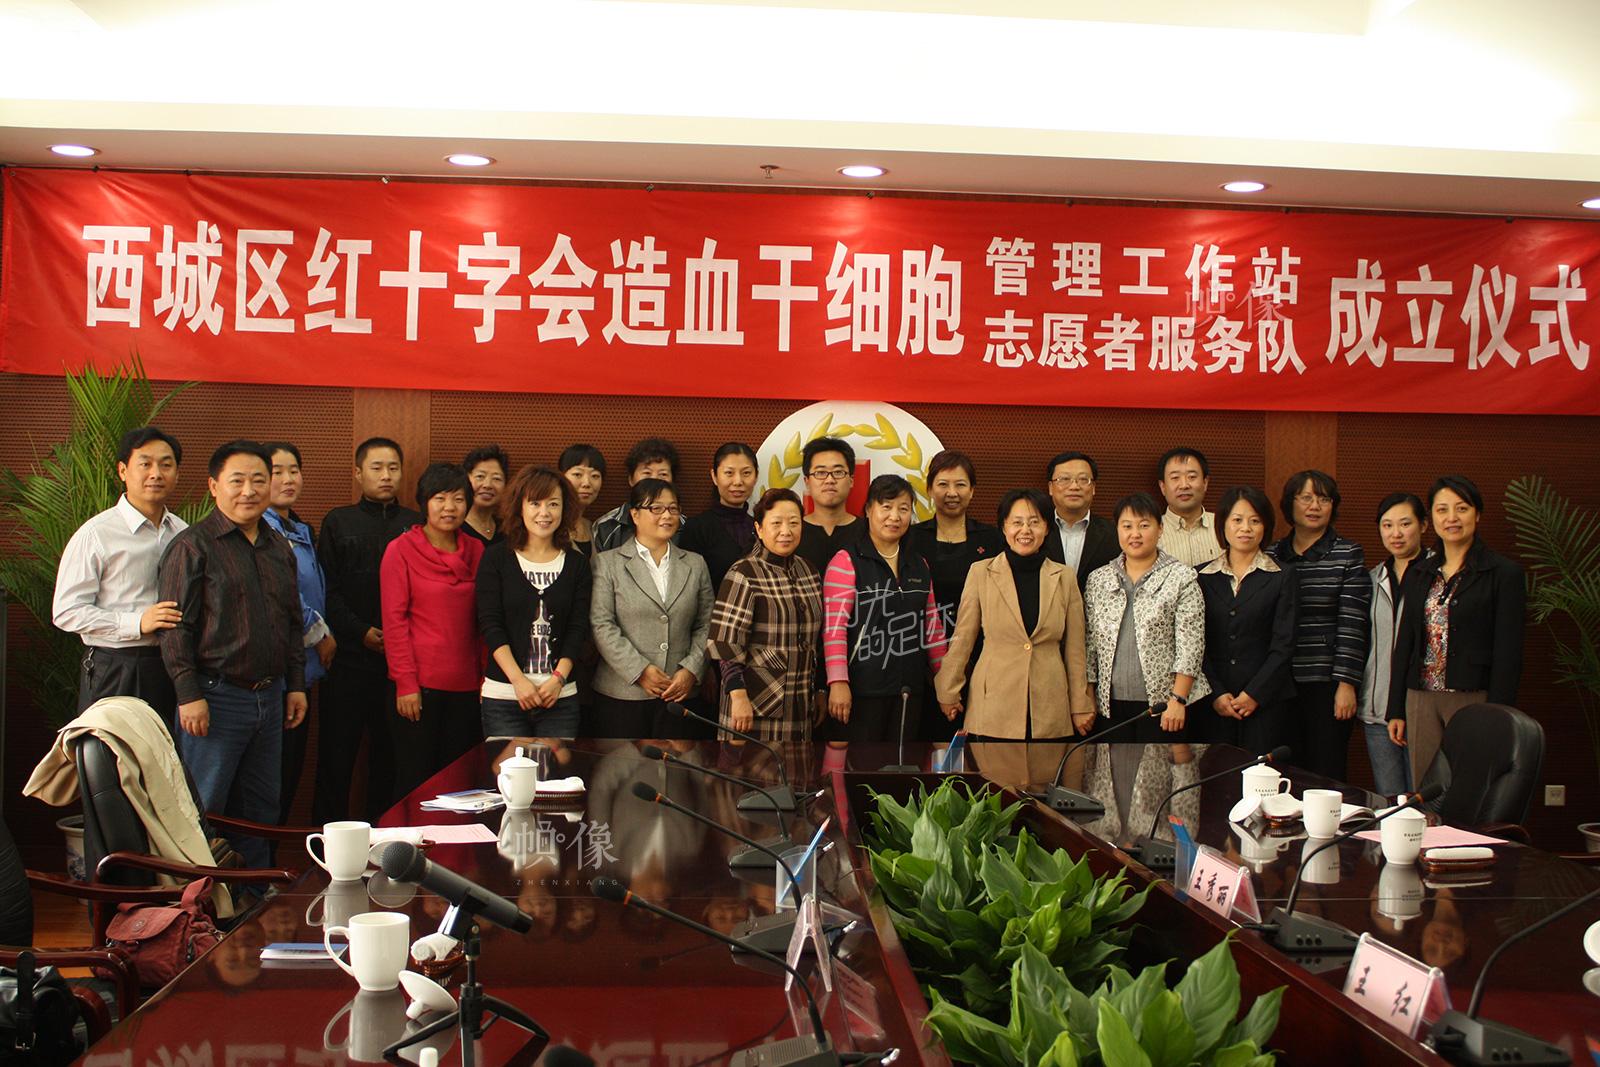 2011年10月18日,北京市西城区红十字会造血干细胞工作站成立。(北京市西城区红十字会供图)